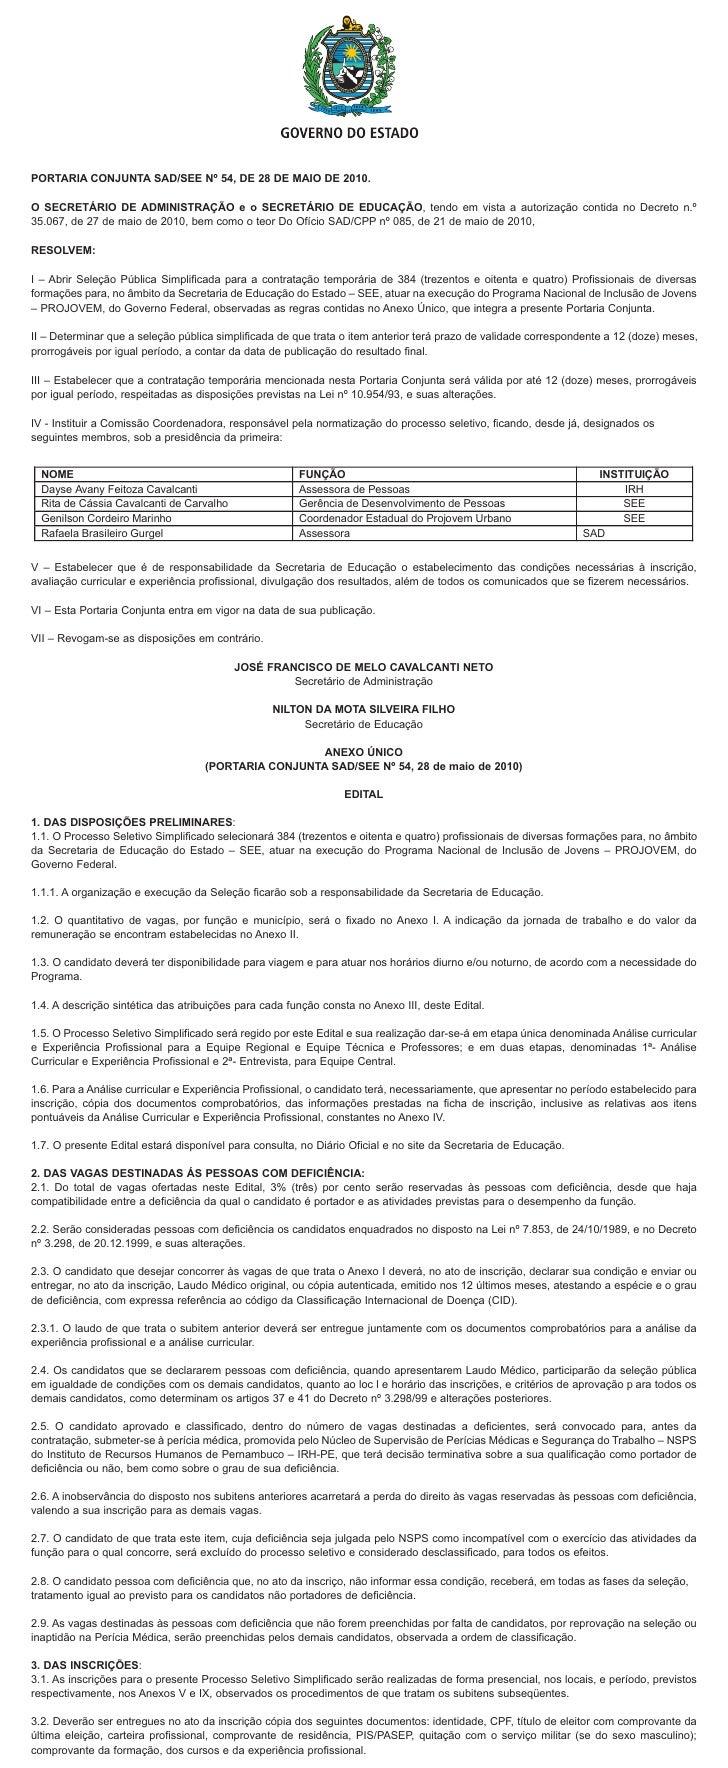 [JC Online] Edital - Concurso Secretaria de Educação - Projovem